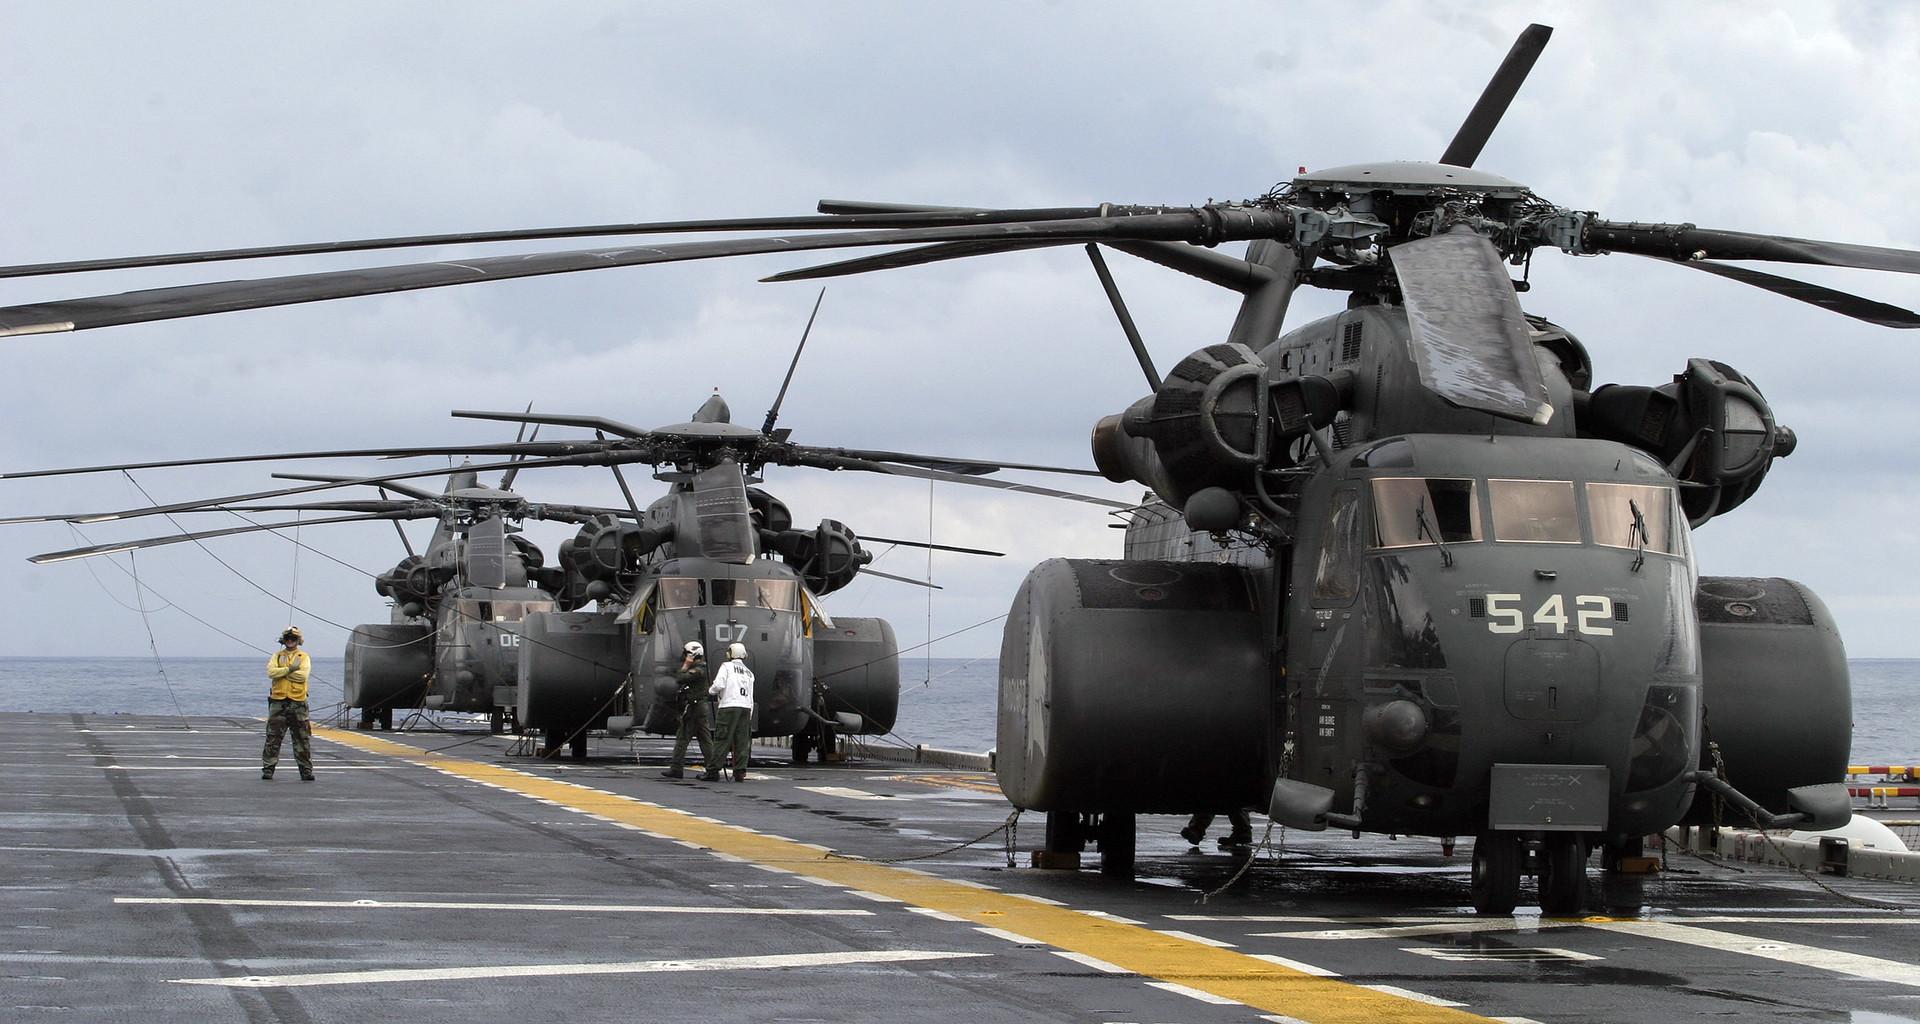 Ни деталей, ни пилотов: войны и сокращения бюджета привели к нехватке запчастей в ВВС США